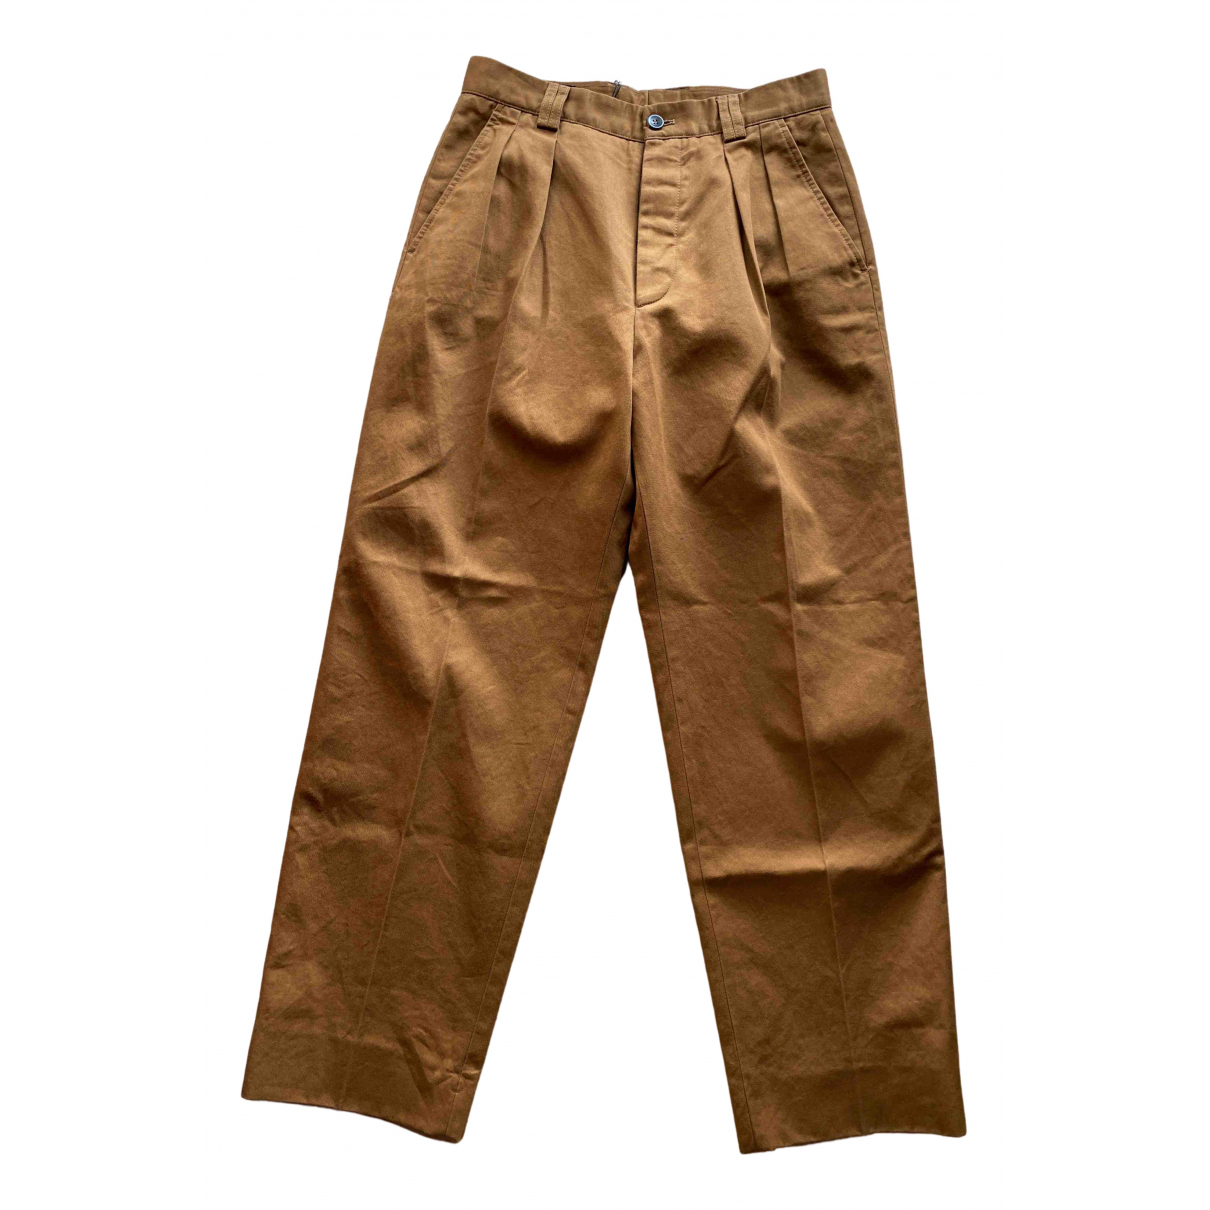 Pantalones en Algodon Marron Gucci